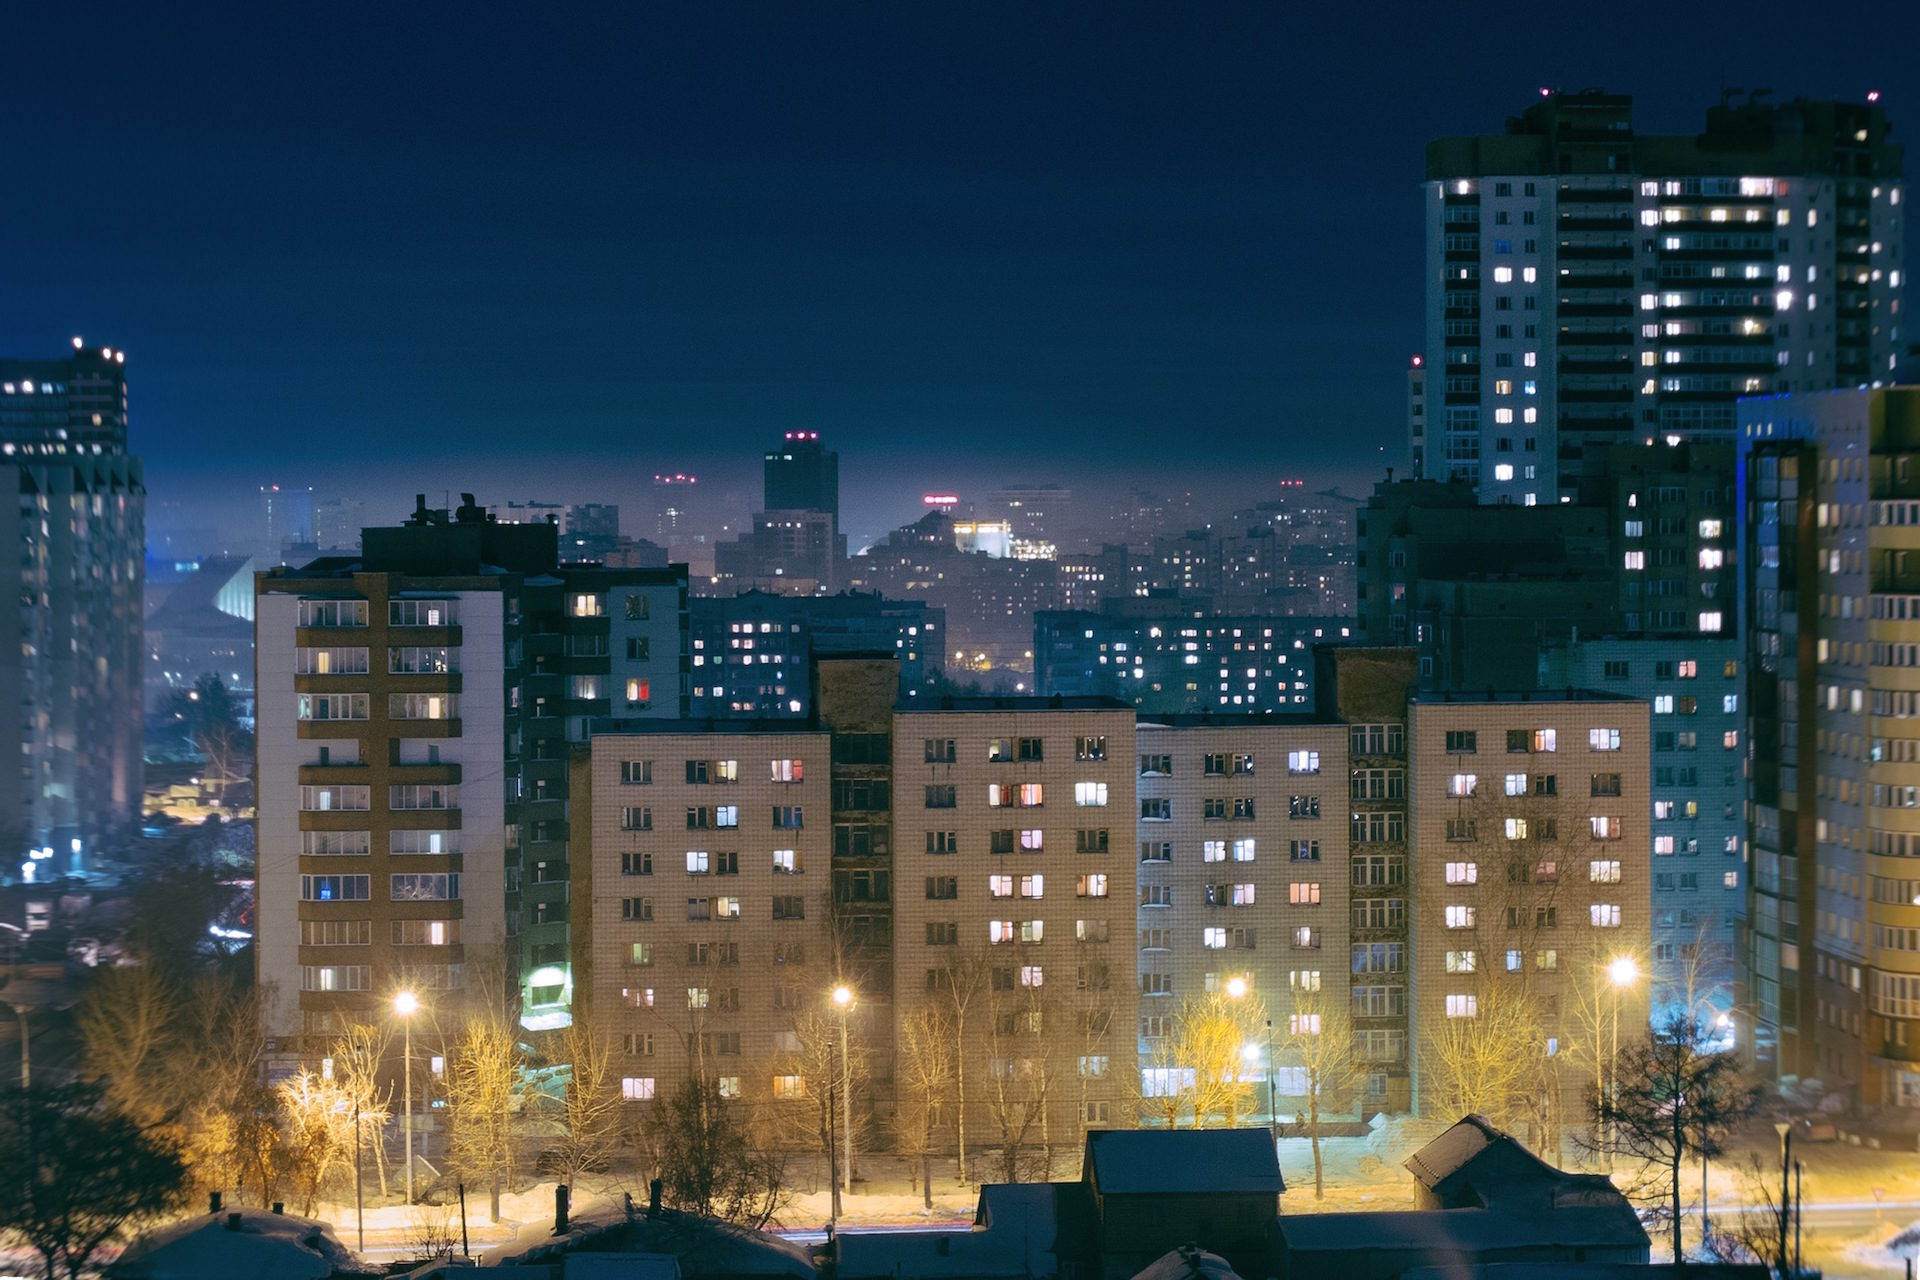 edifícios, à noite, Cidade, apartamentos, vidas - Papéis de parede HD - Professor-falken.com